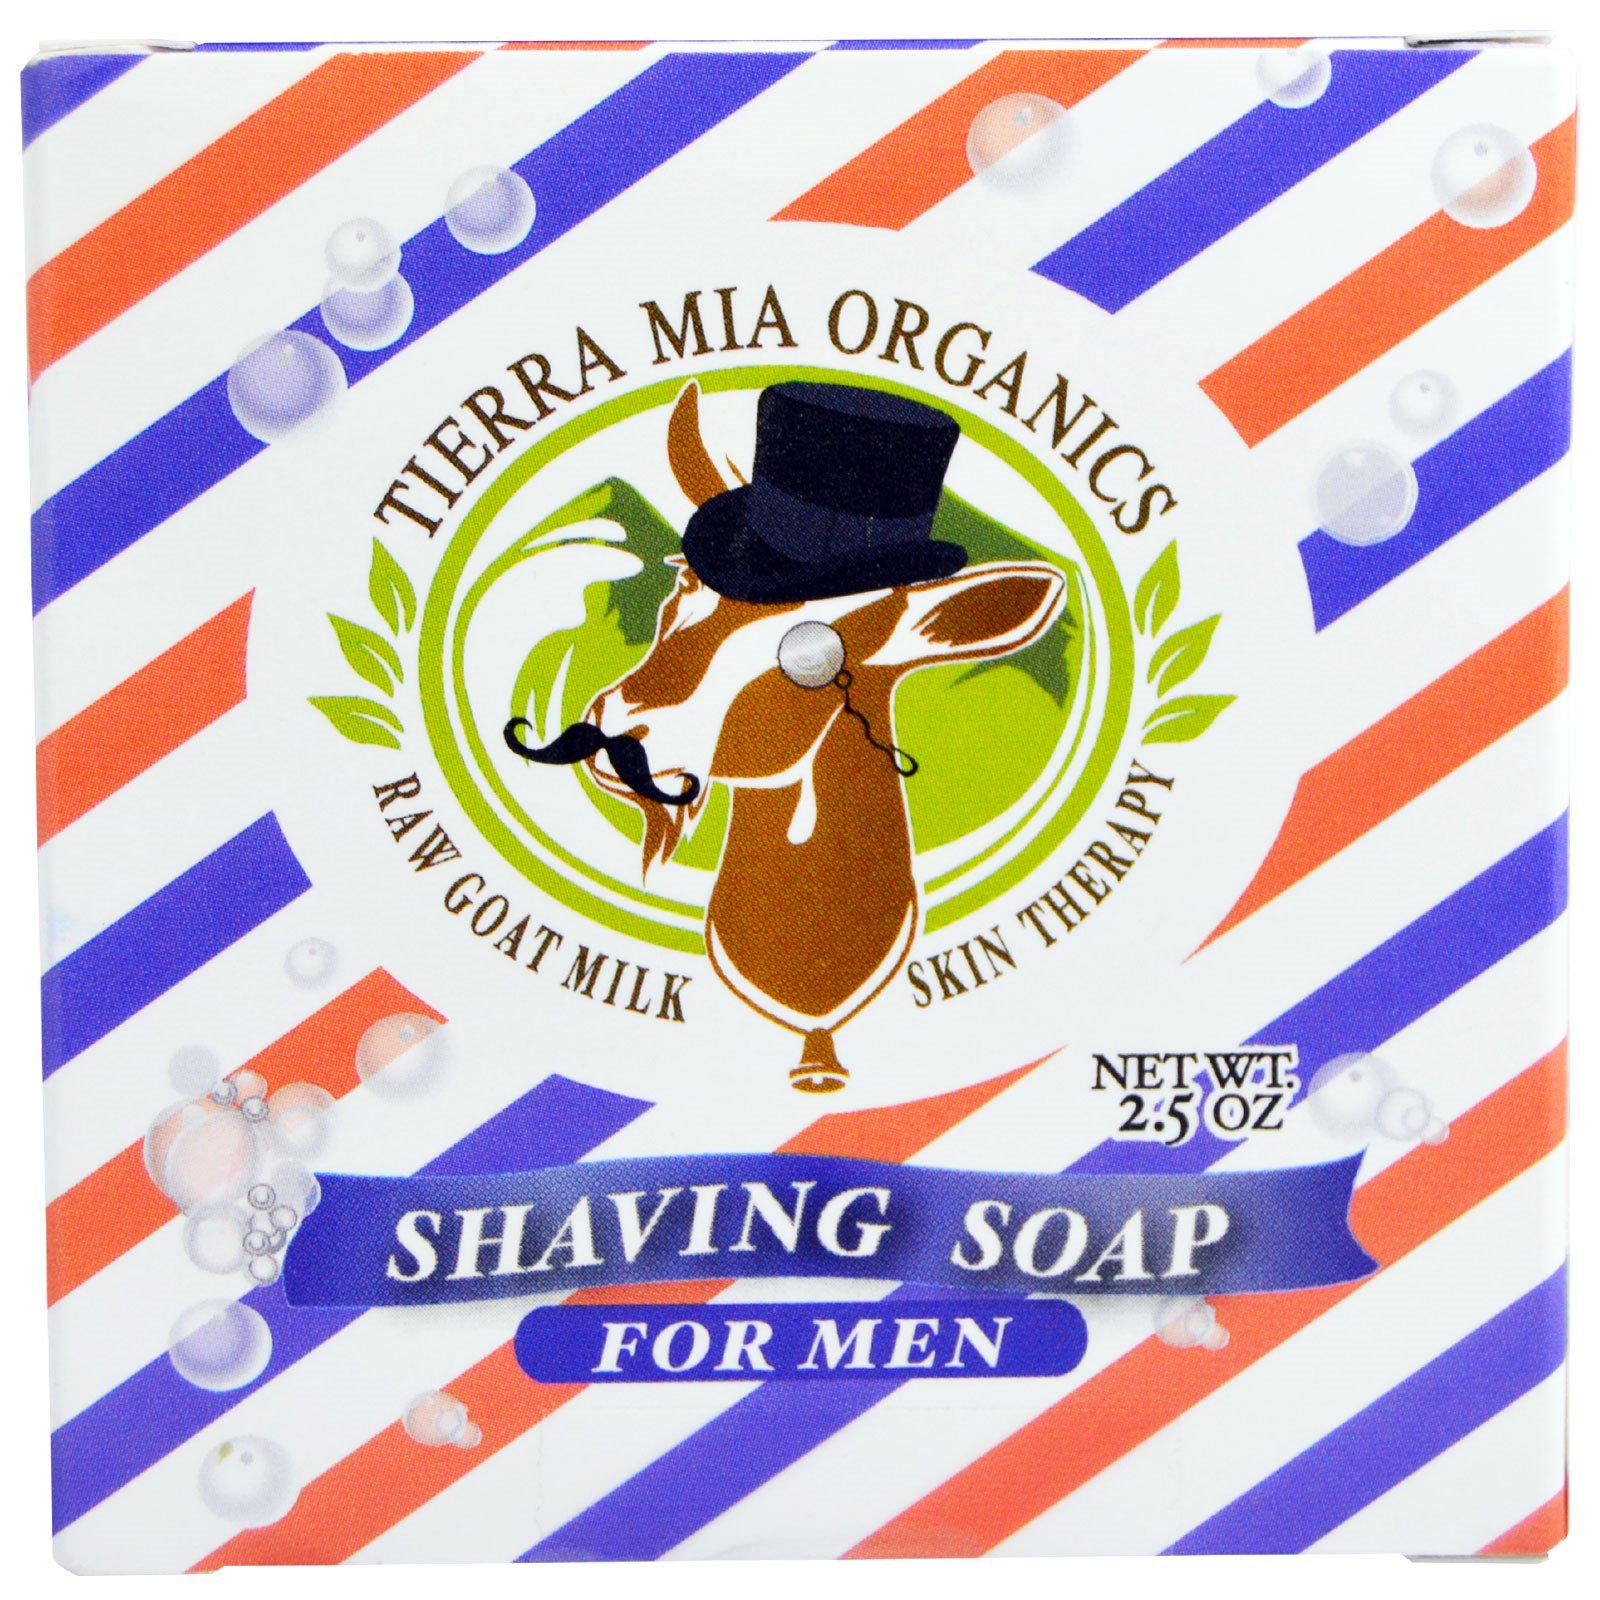 Tierra Mia Organics, Средства для ухода за кожей на основе сырого козьего молока, мыло для бритья для мужчин, 2,5 унции